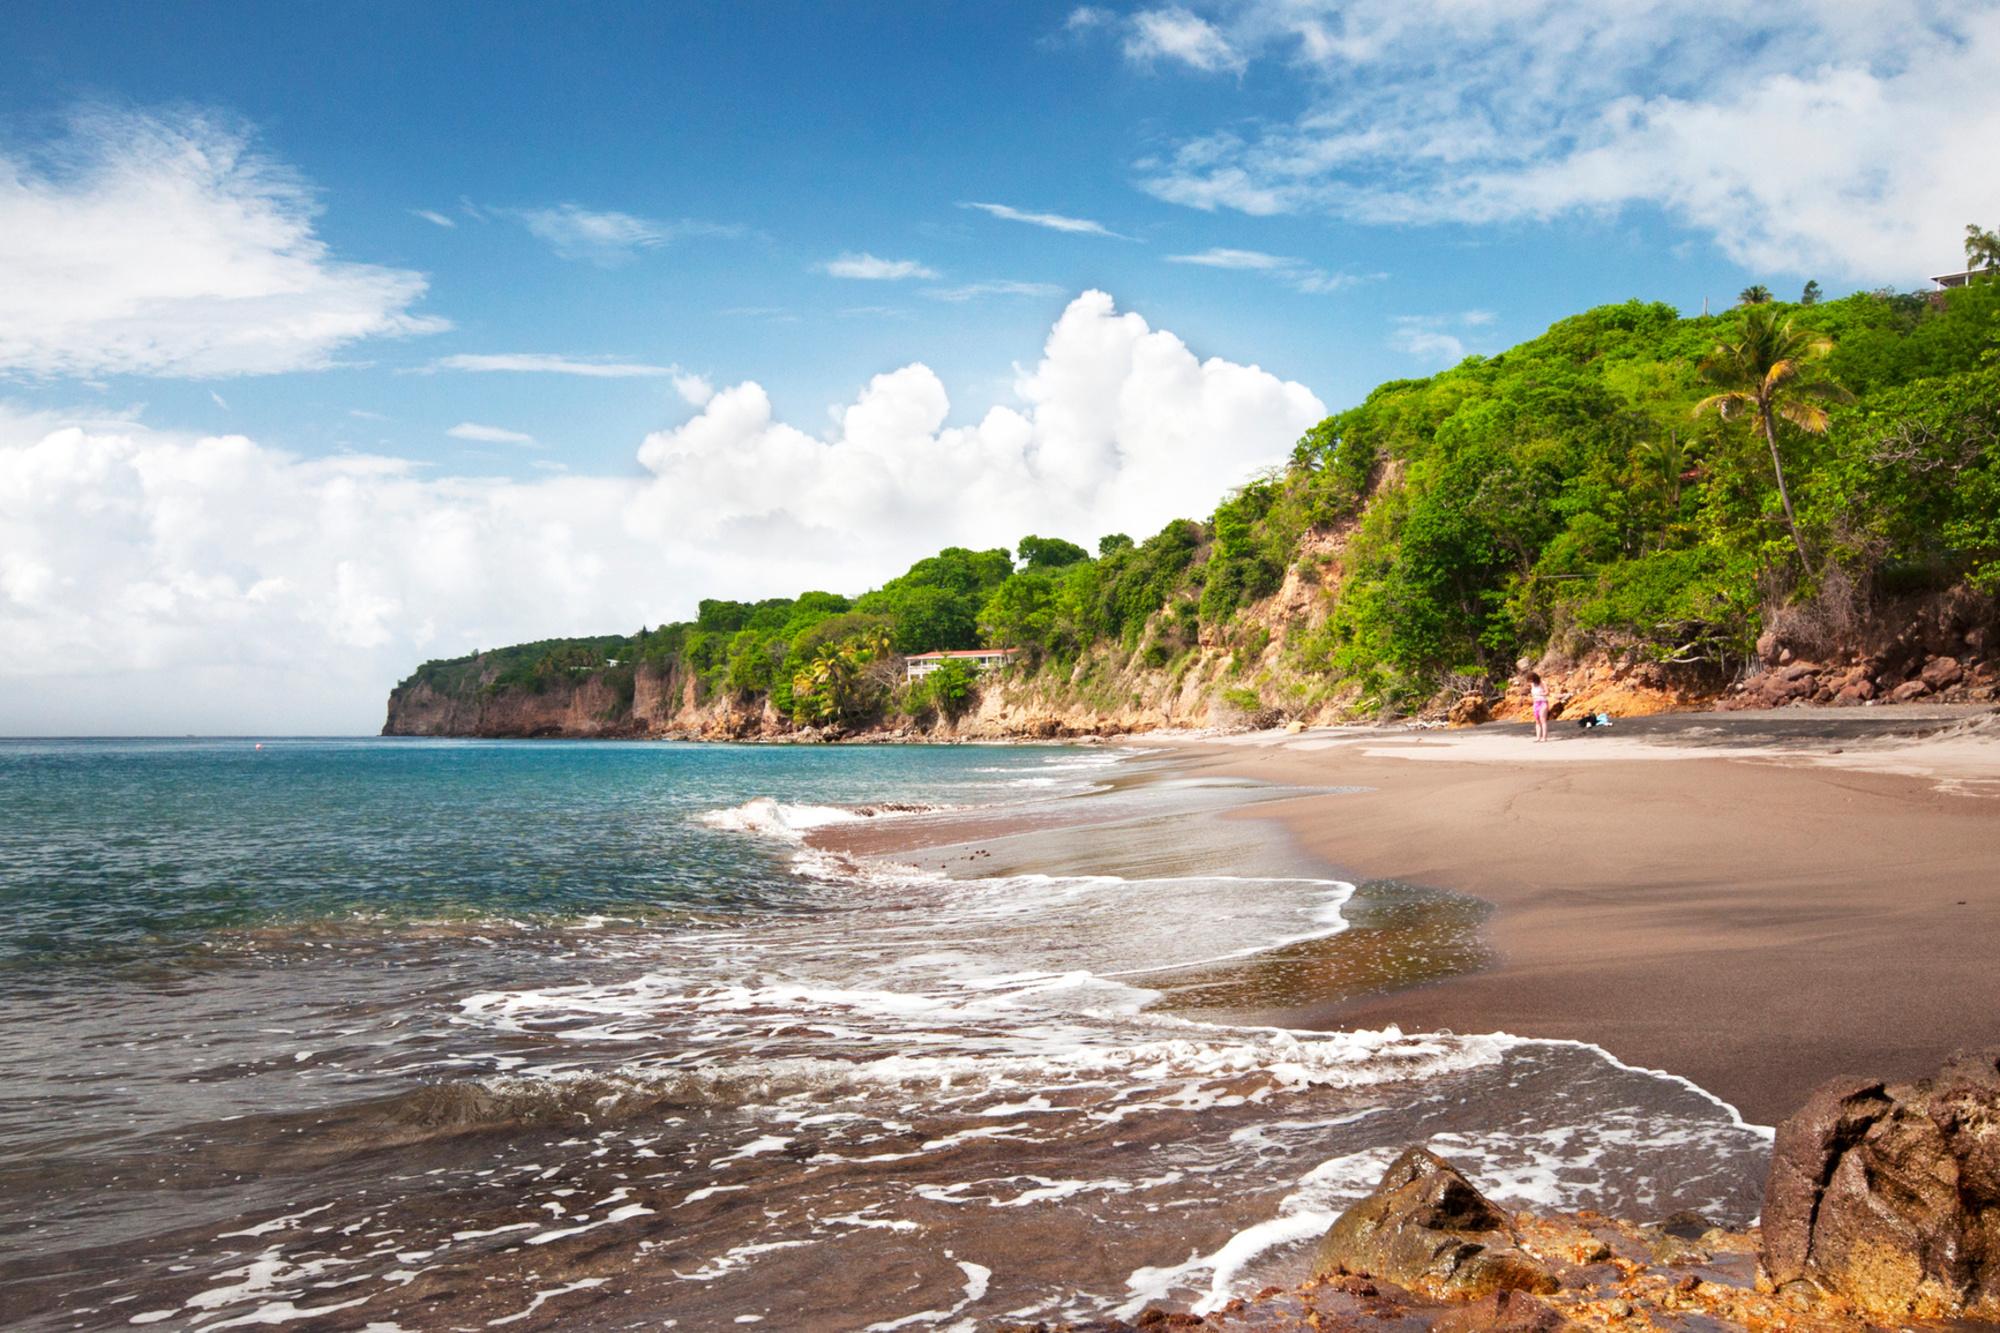 De uitgestrekte stranden van Montserrat, Getty